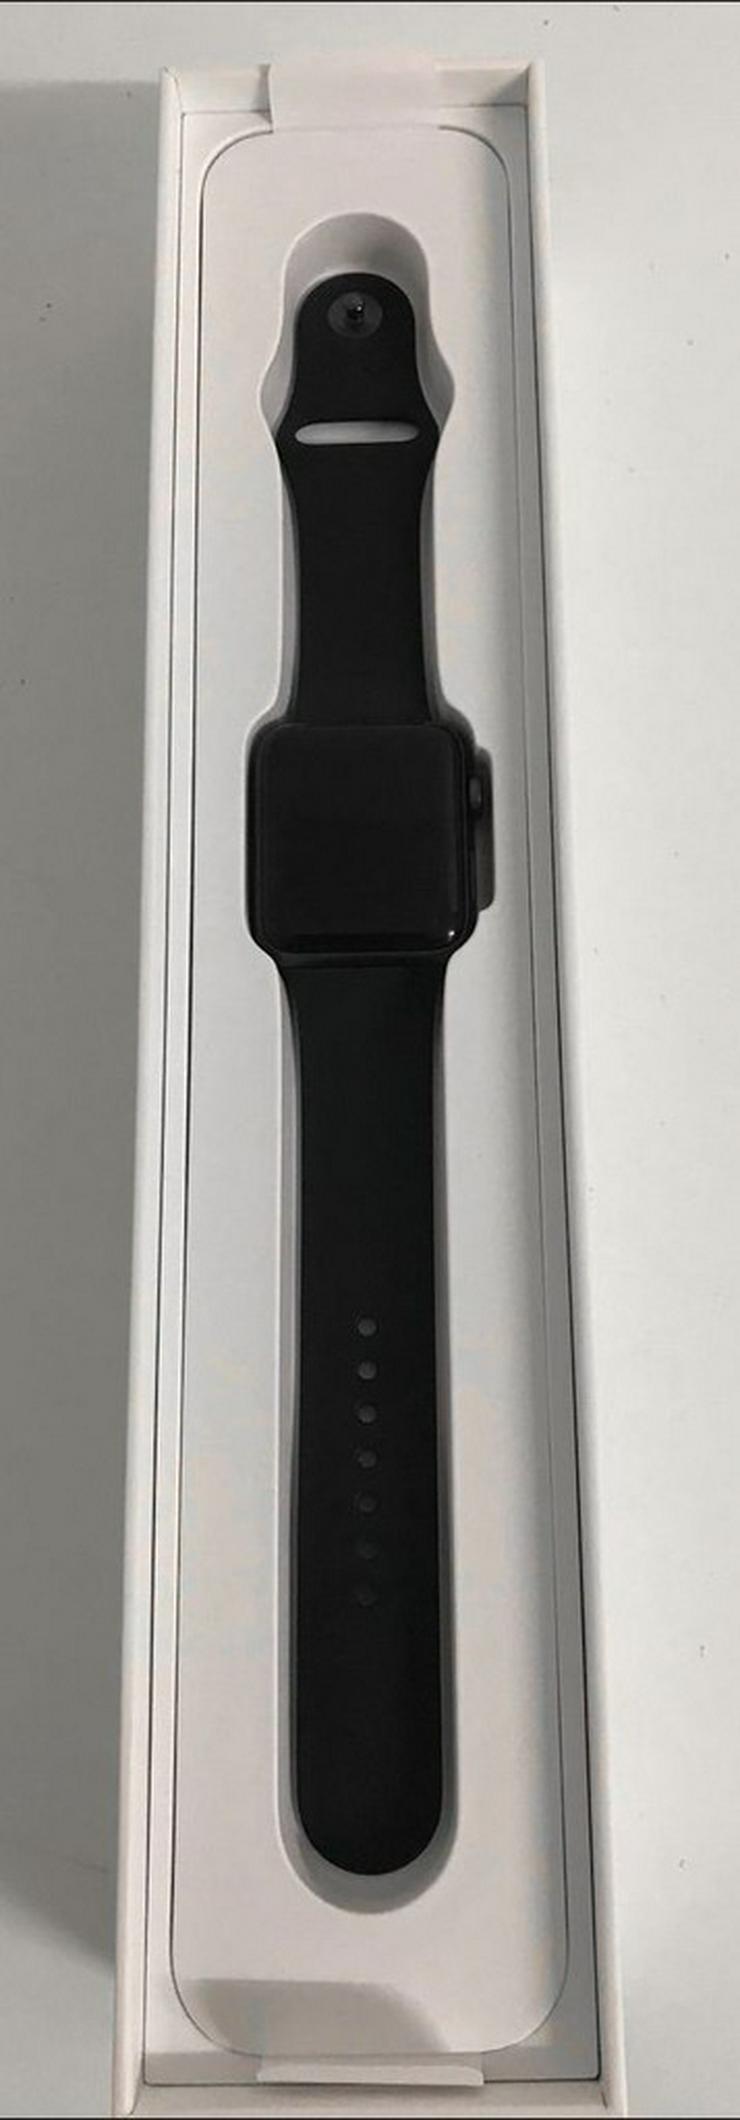 Bild 4: Apple Watch Series 3